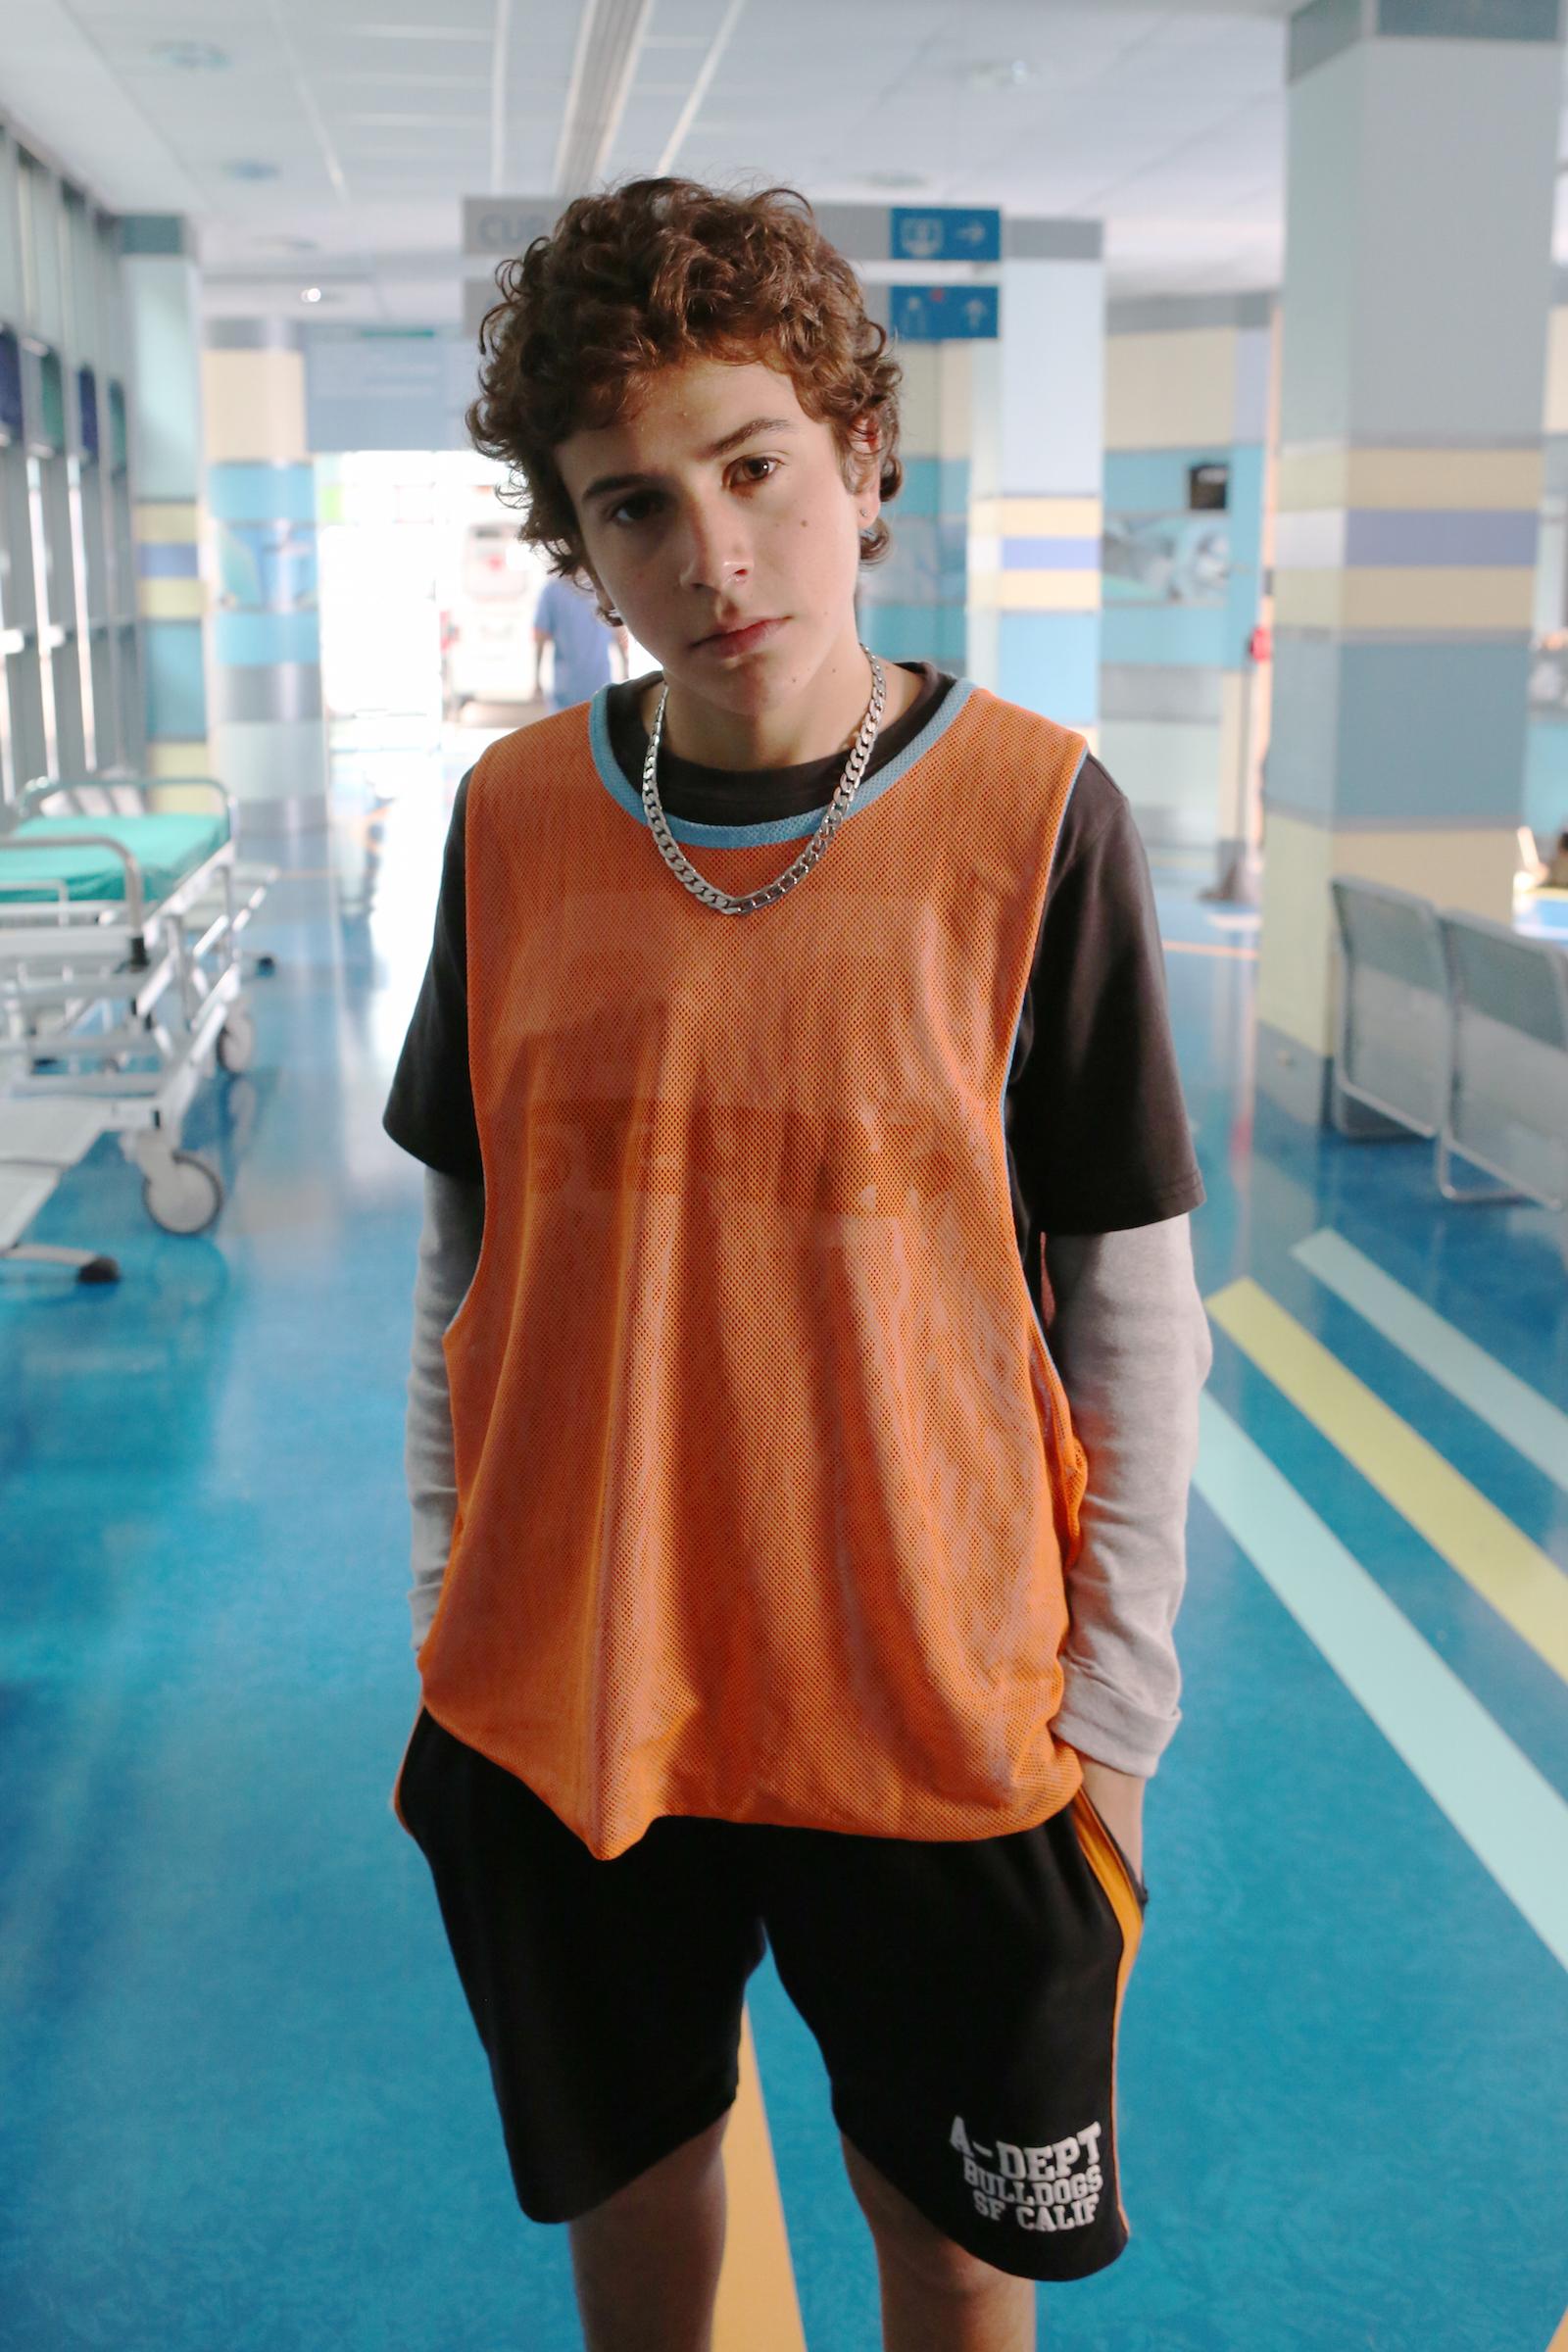 Braccialetti rossi 2: Mirko Trovato in una immagine promozionale